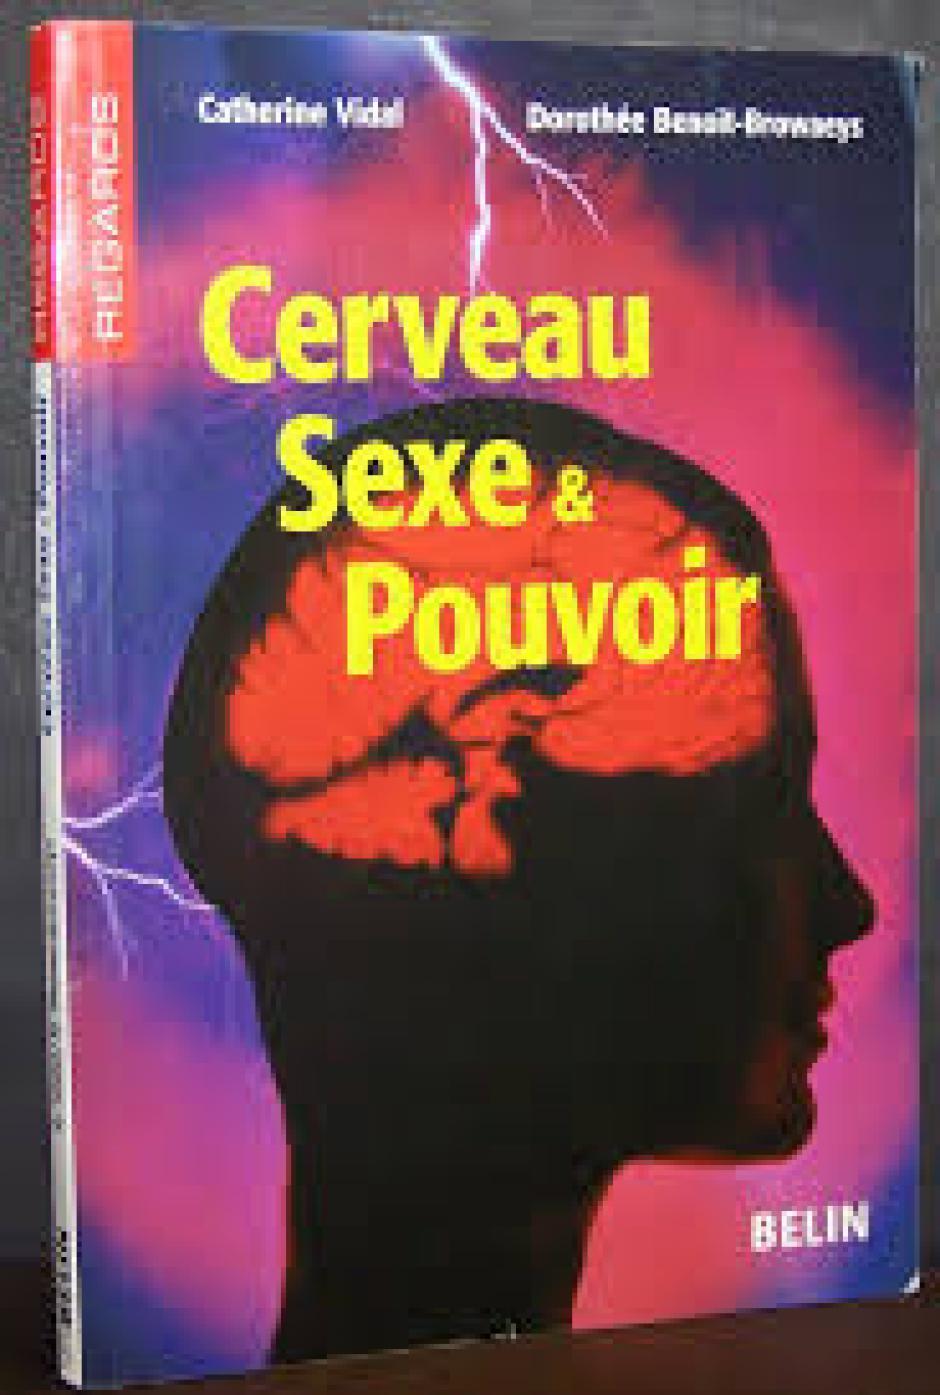 Cerveau, sexe et préjugés, Catherine Vidal*